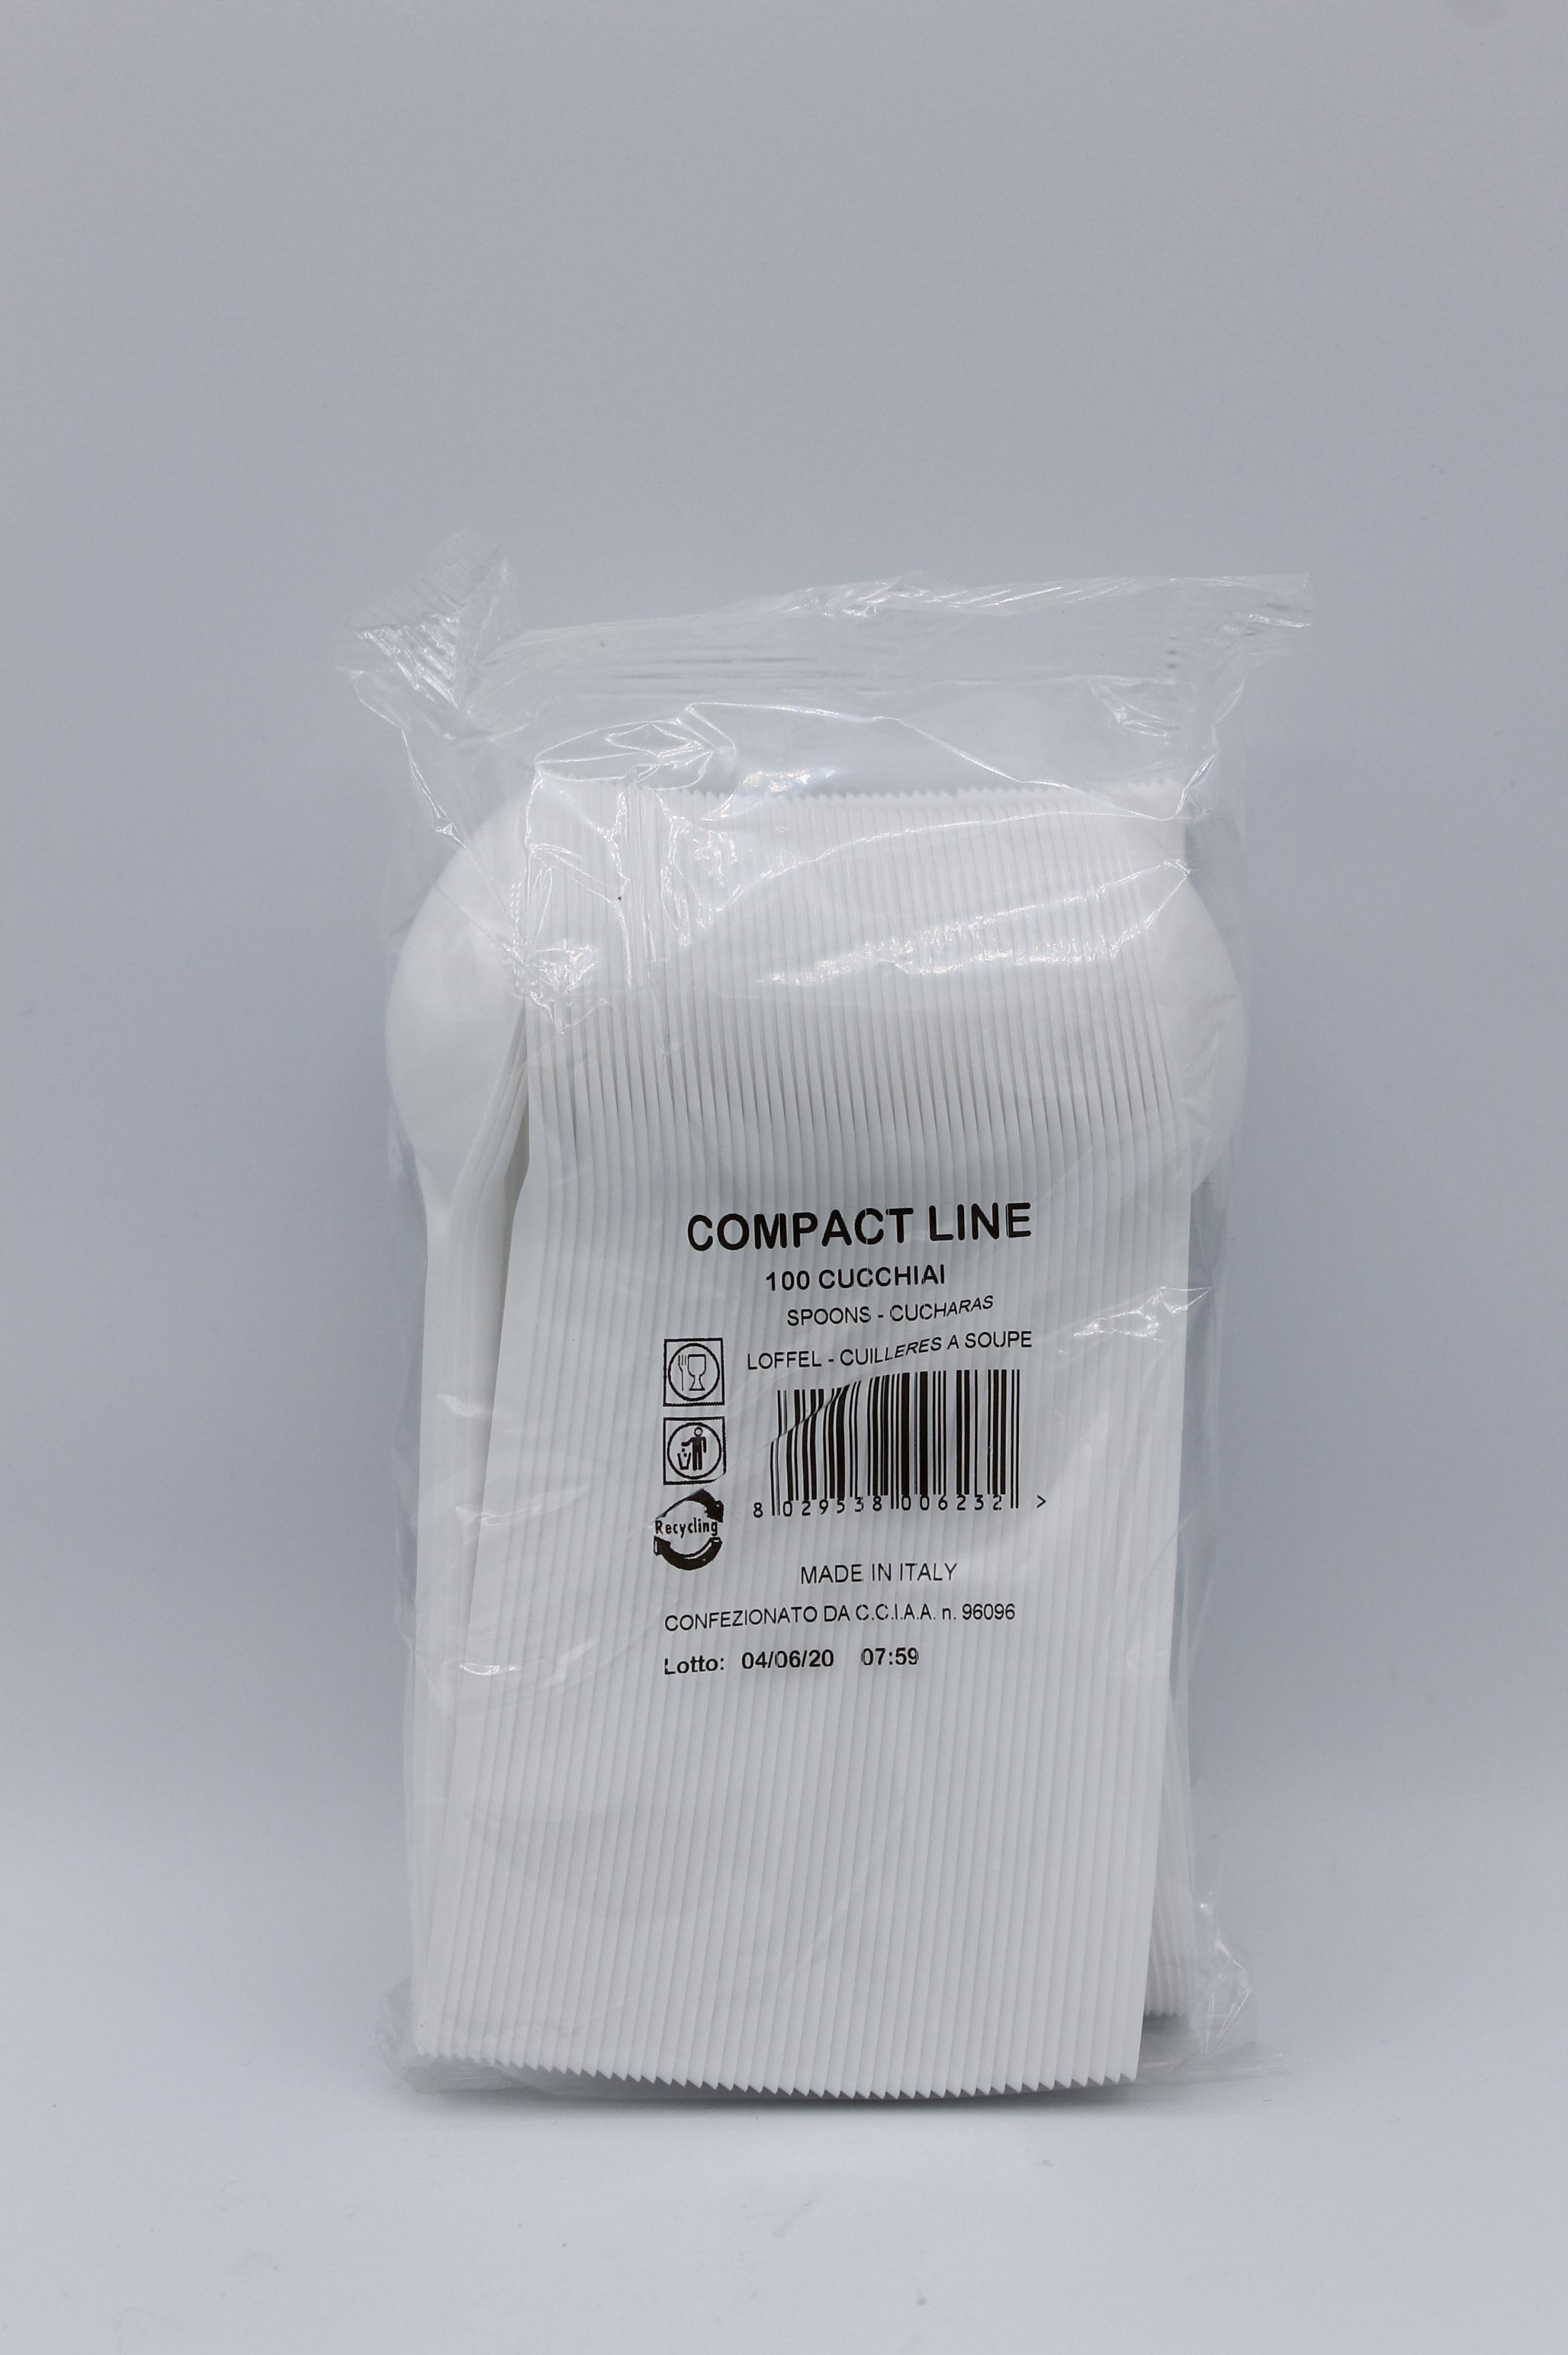 Compact Line cucchiai di plastica 100pz.